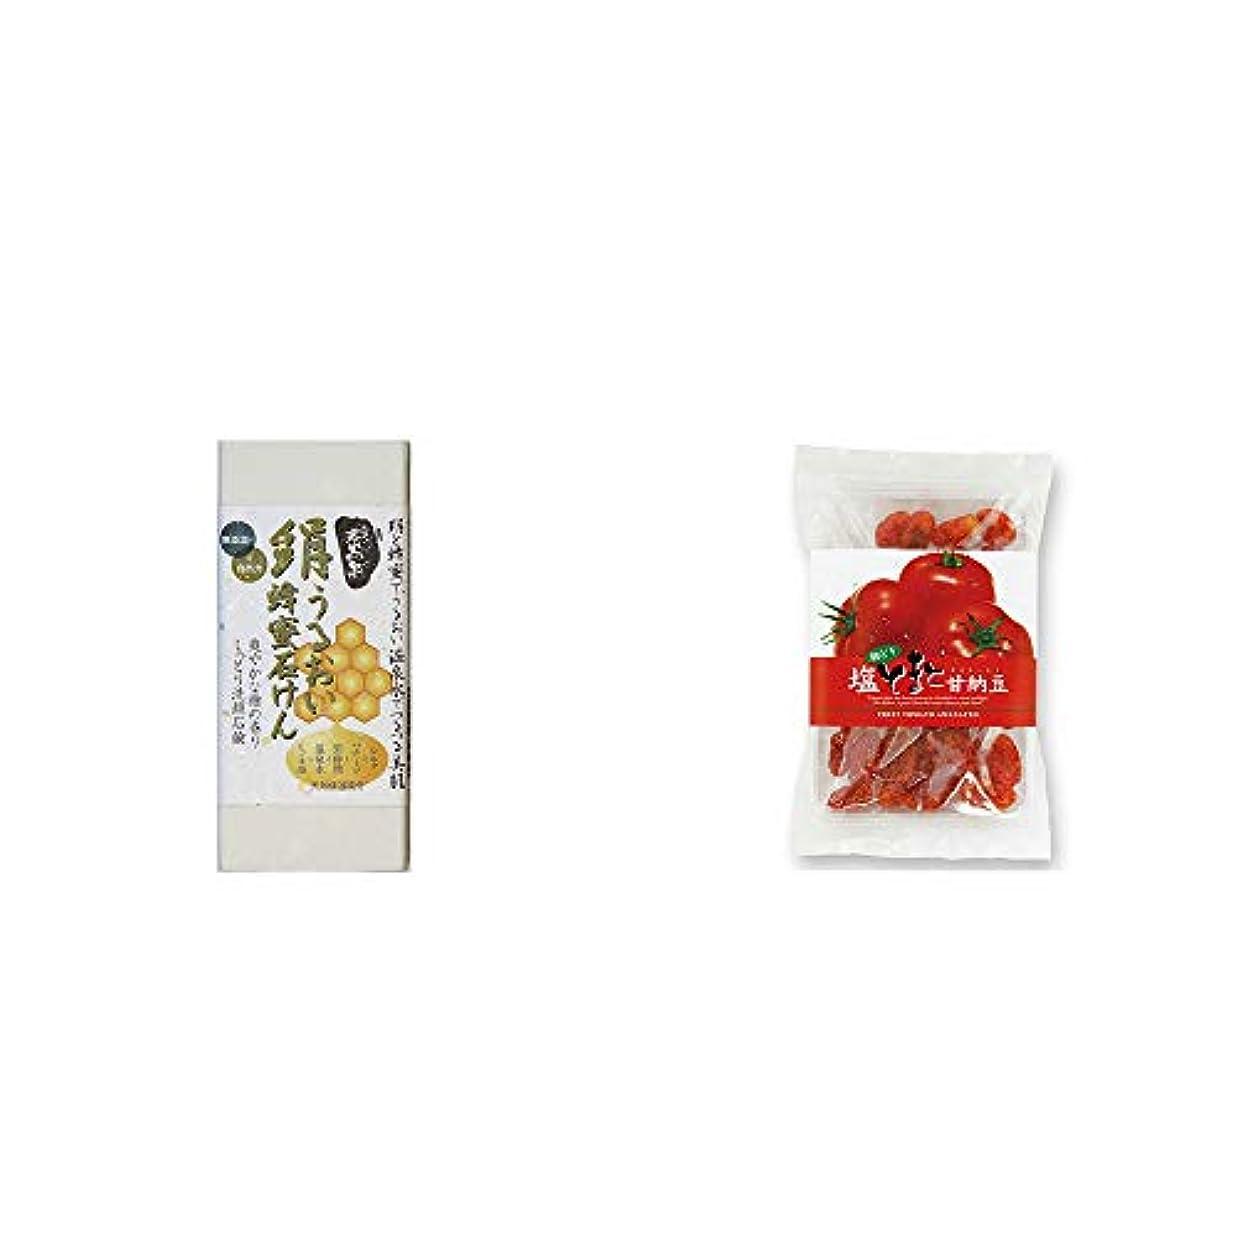 セッション代理店通知[2点セット] ひのき炭黒泉 絹うるおい蜂蜜石けん(75g×2)?朝どり 塩とまと甘納豆(150g)